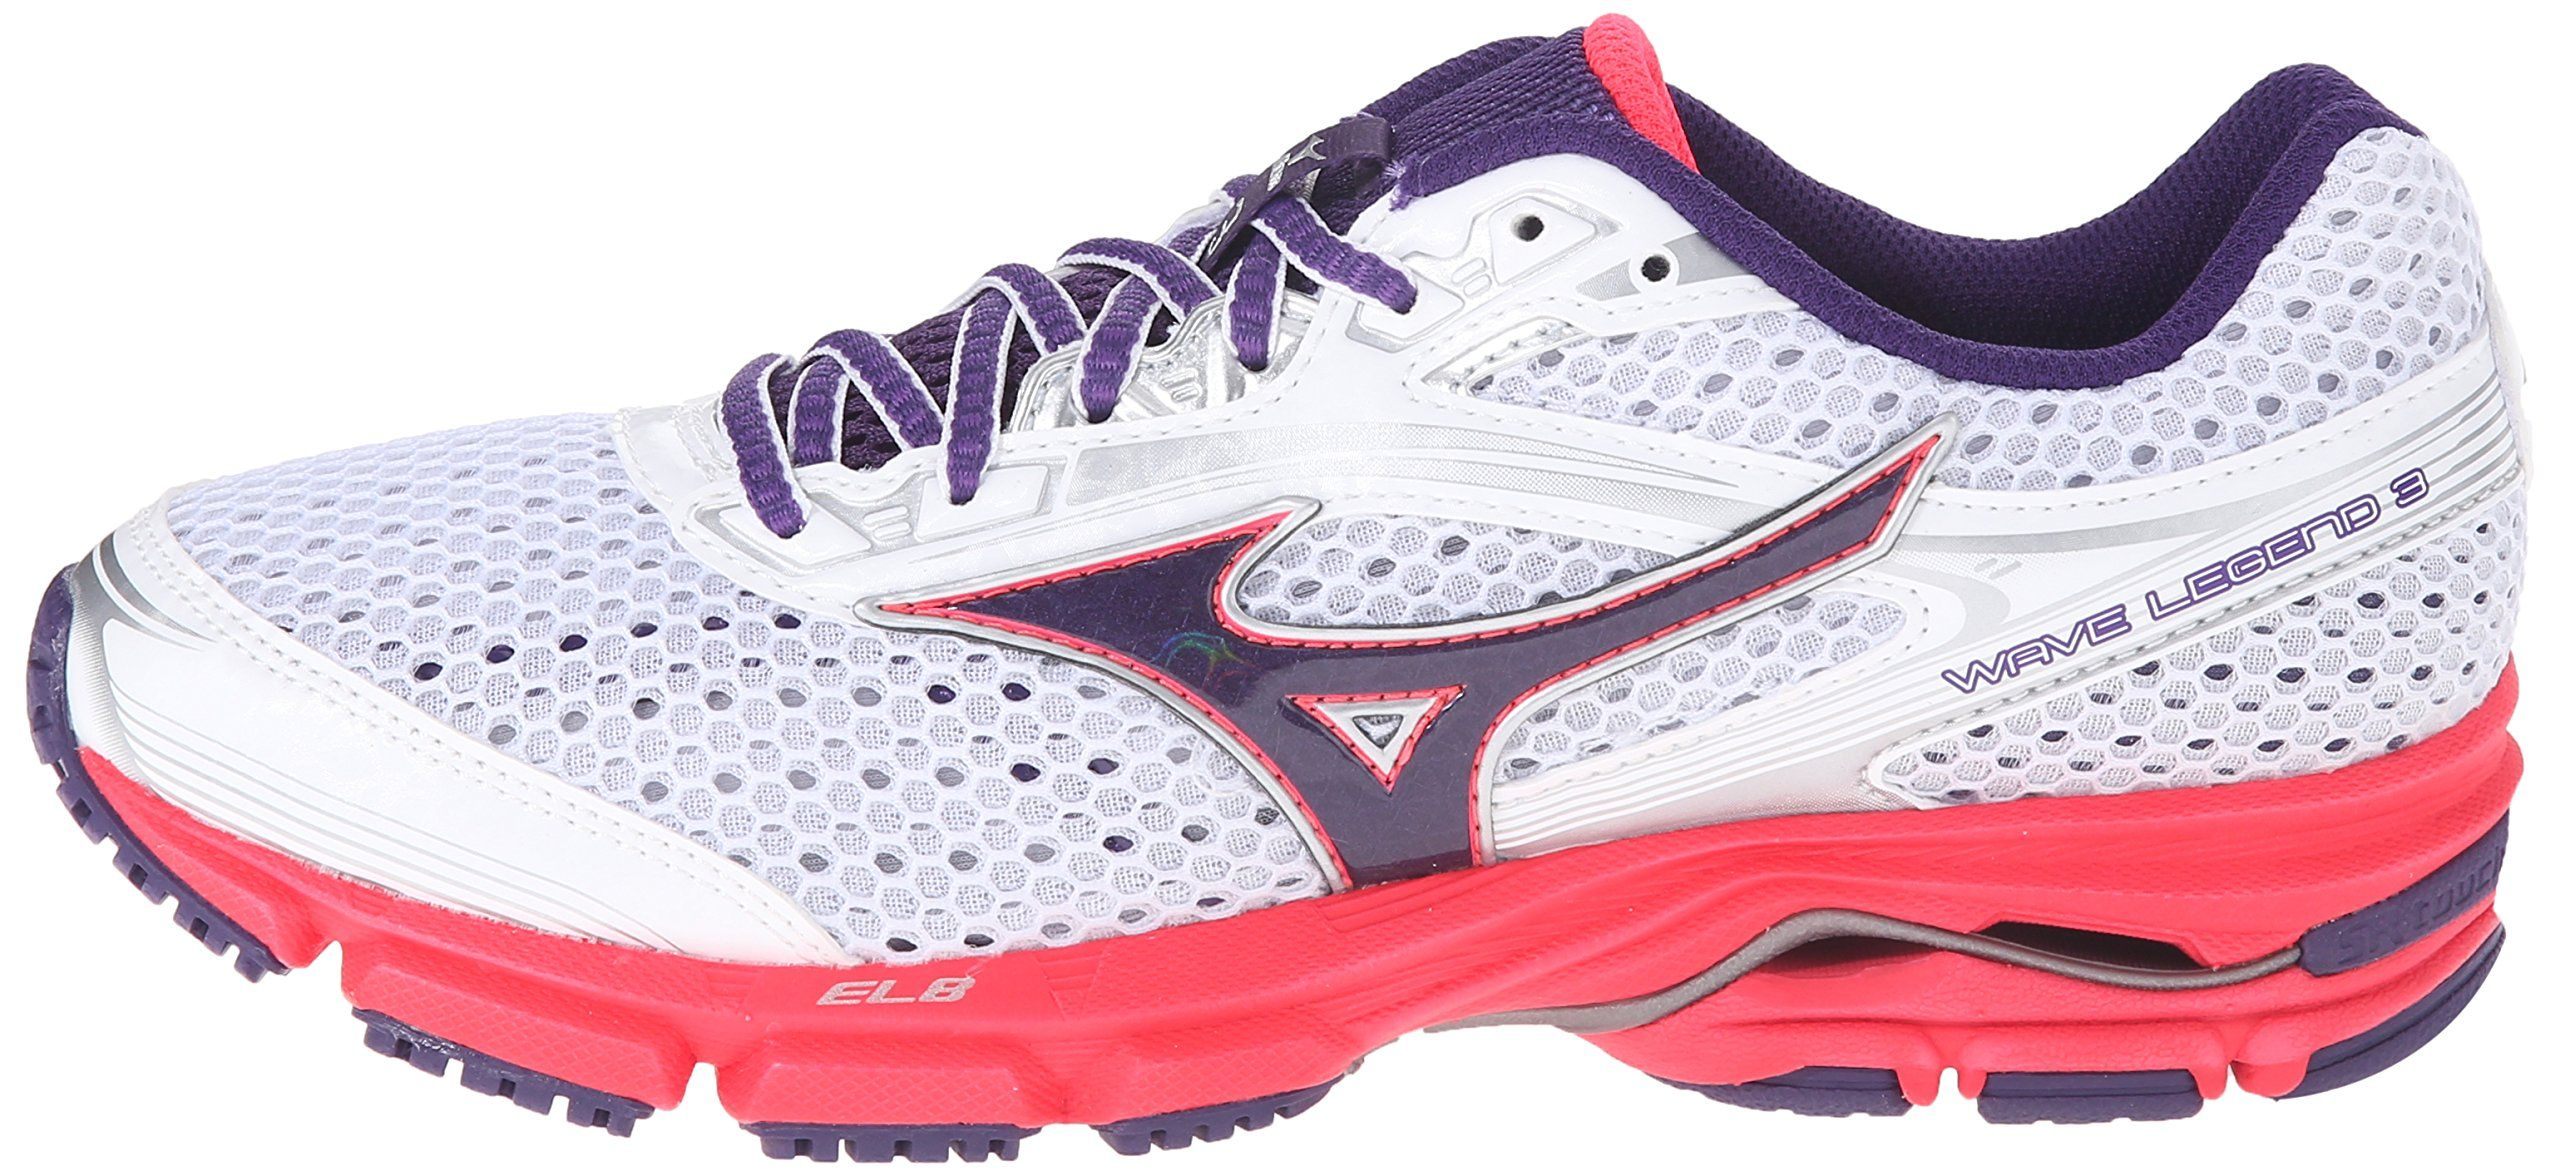 tenis mizuno wave legend 3 sneakers